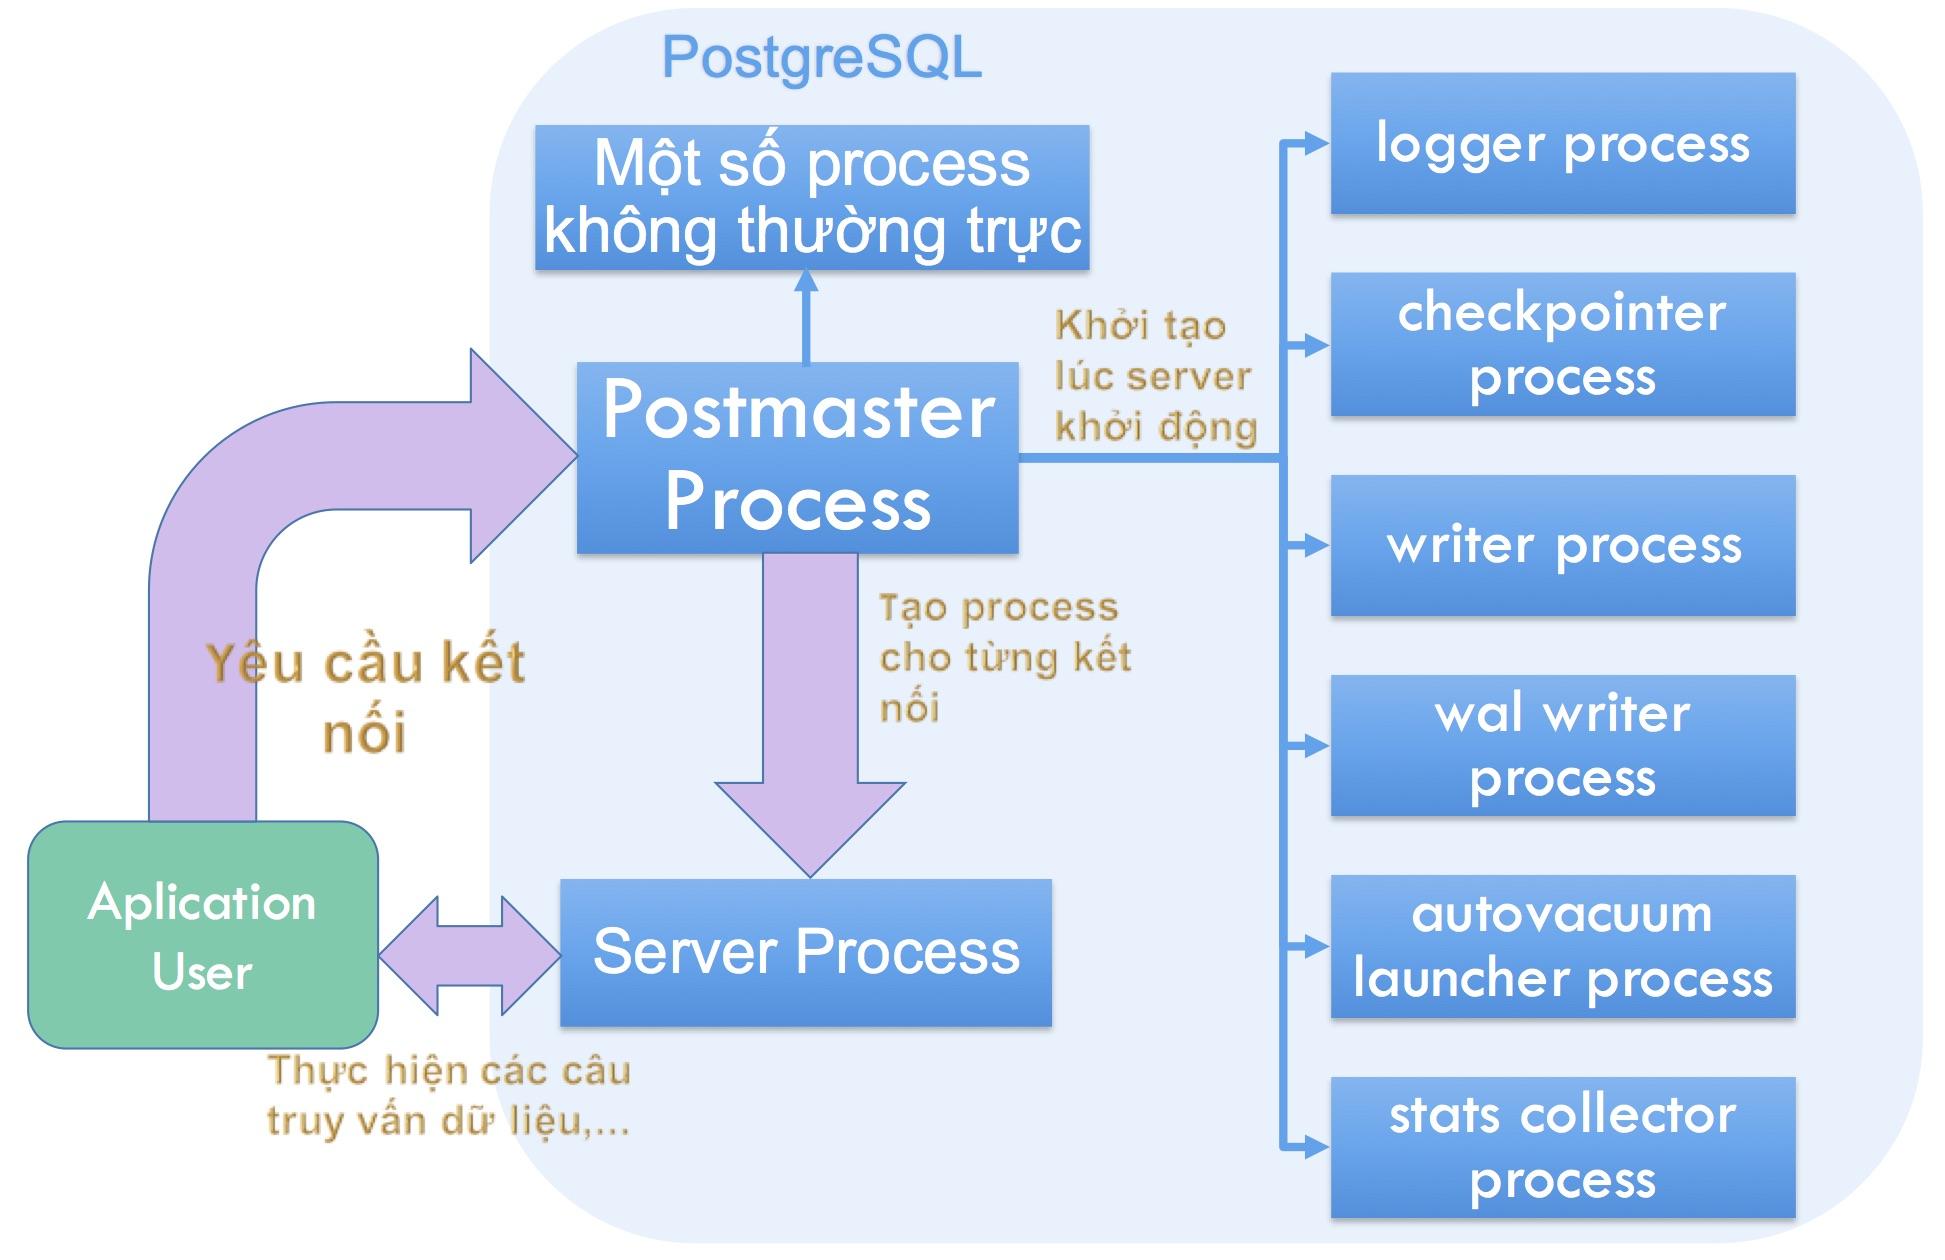 PostgreSQL processes